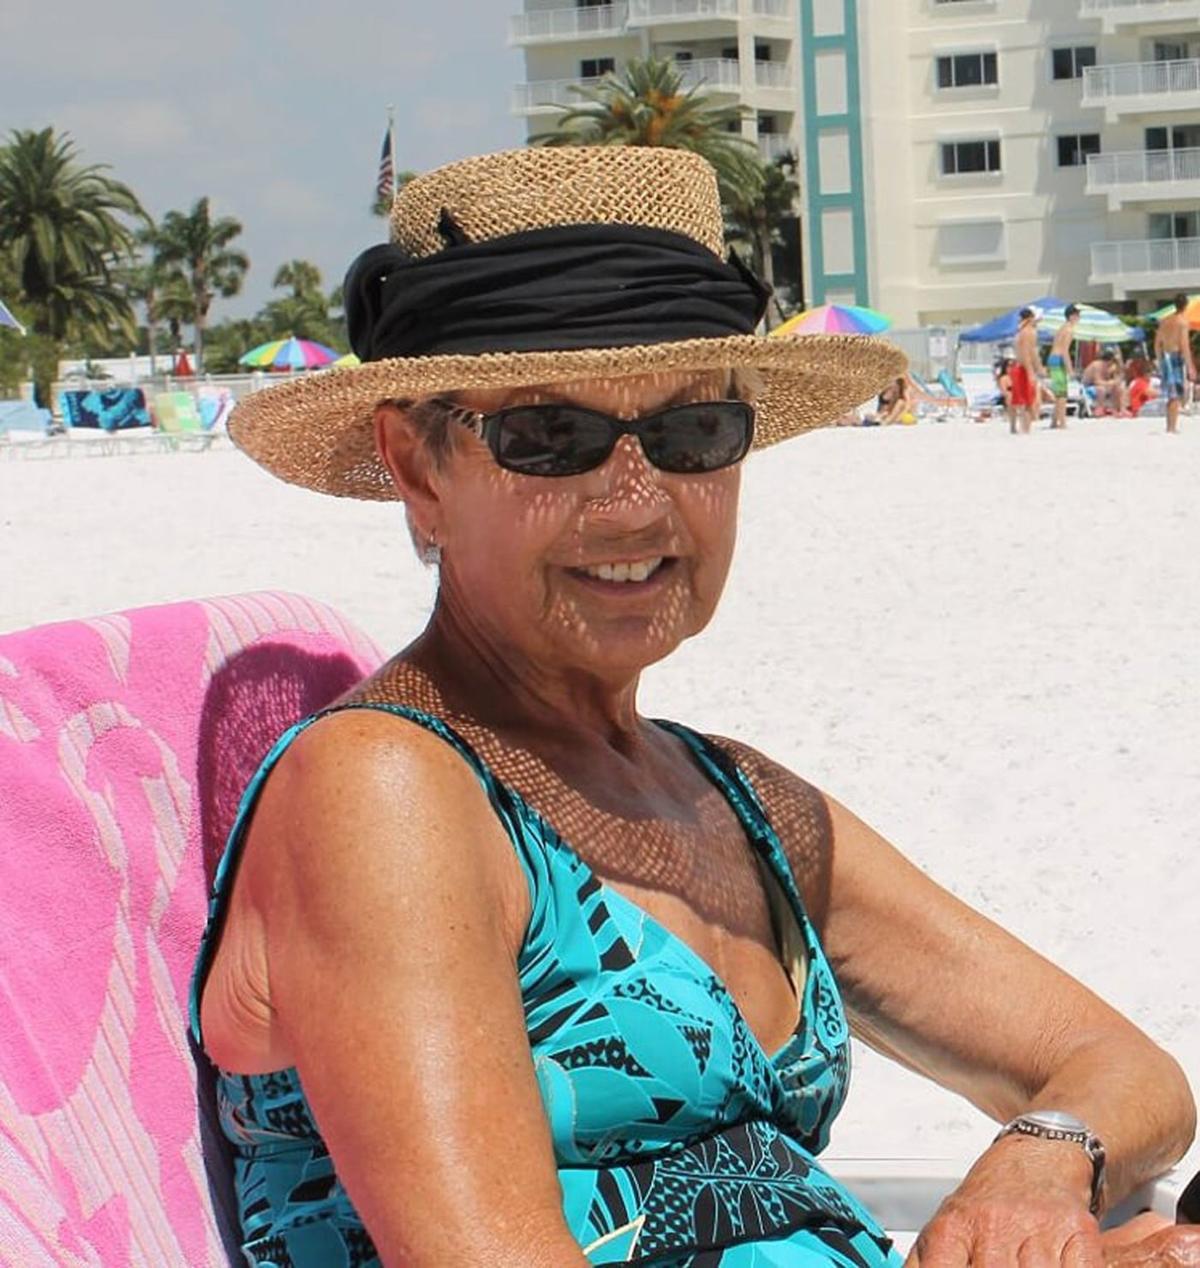 Lori on the beach